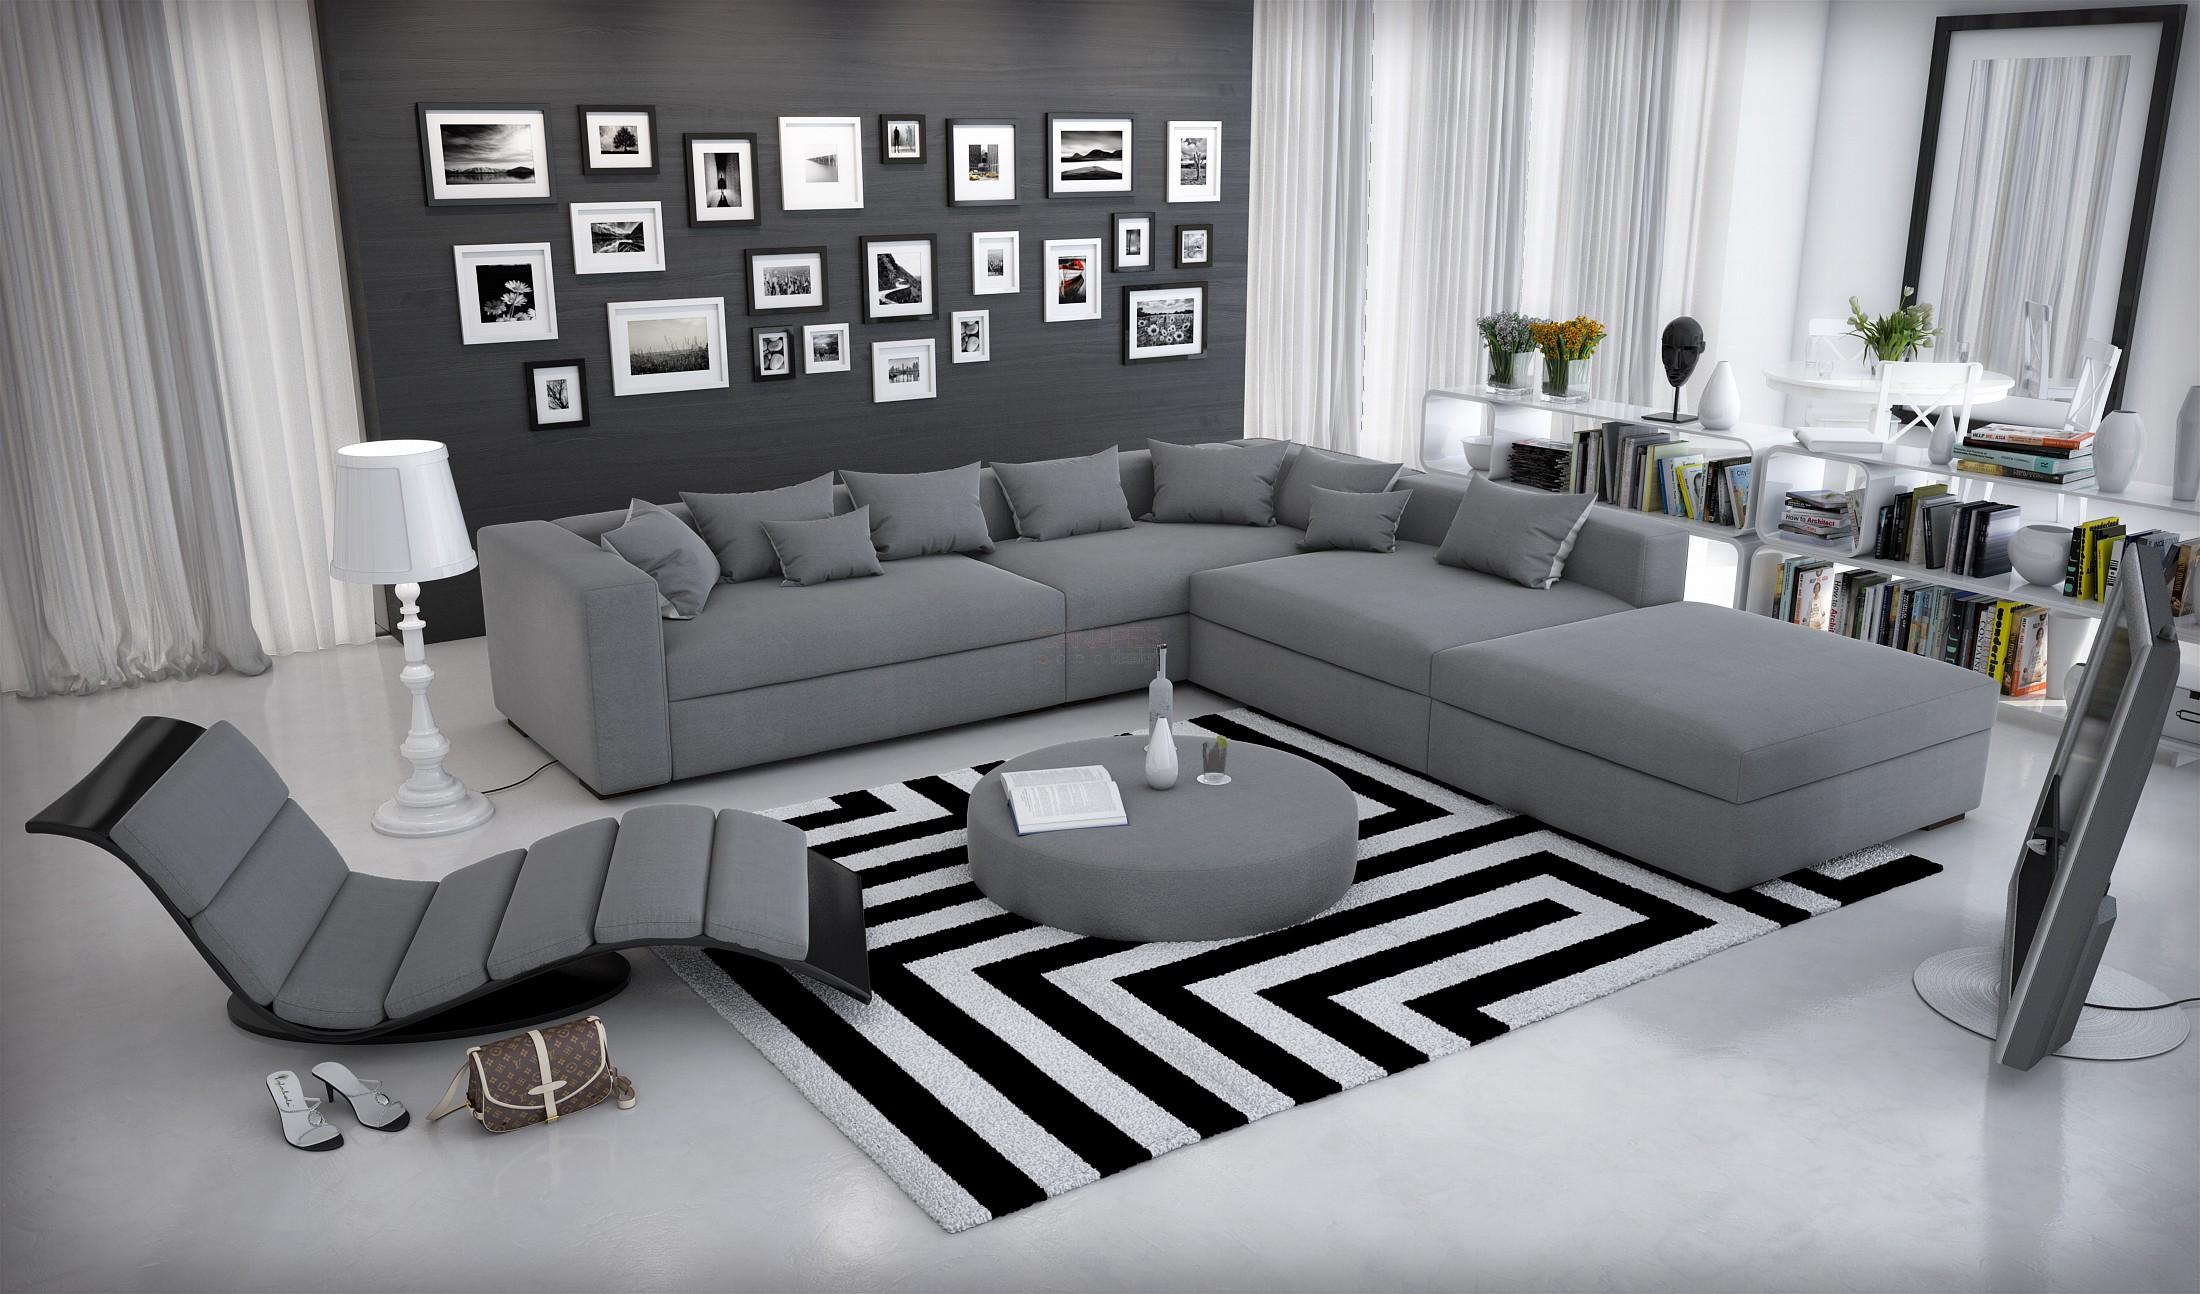 Canape d'angle contemporain